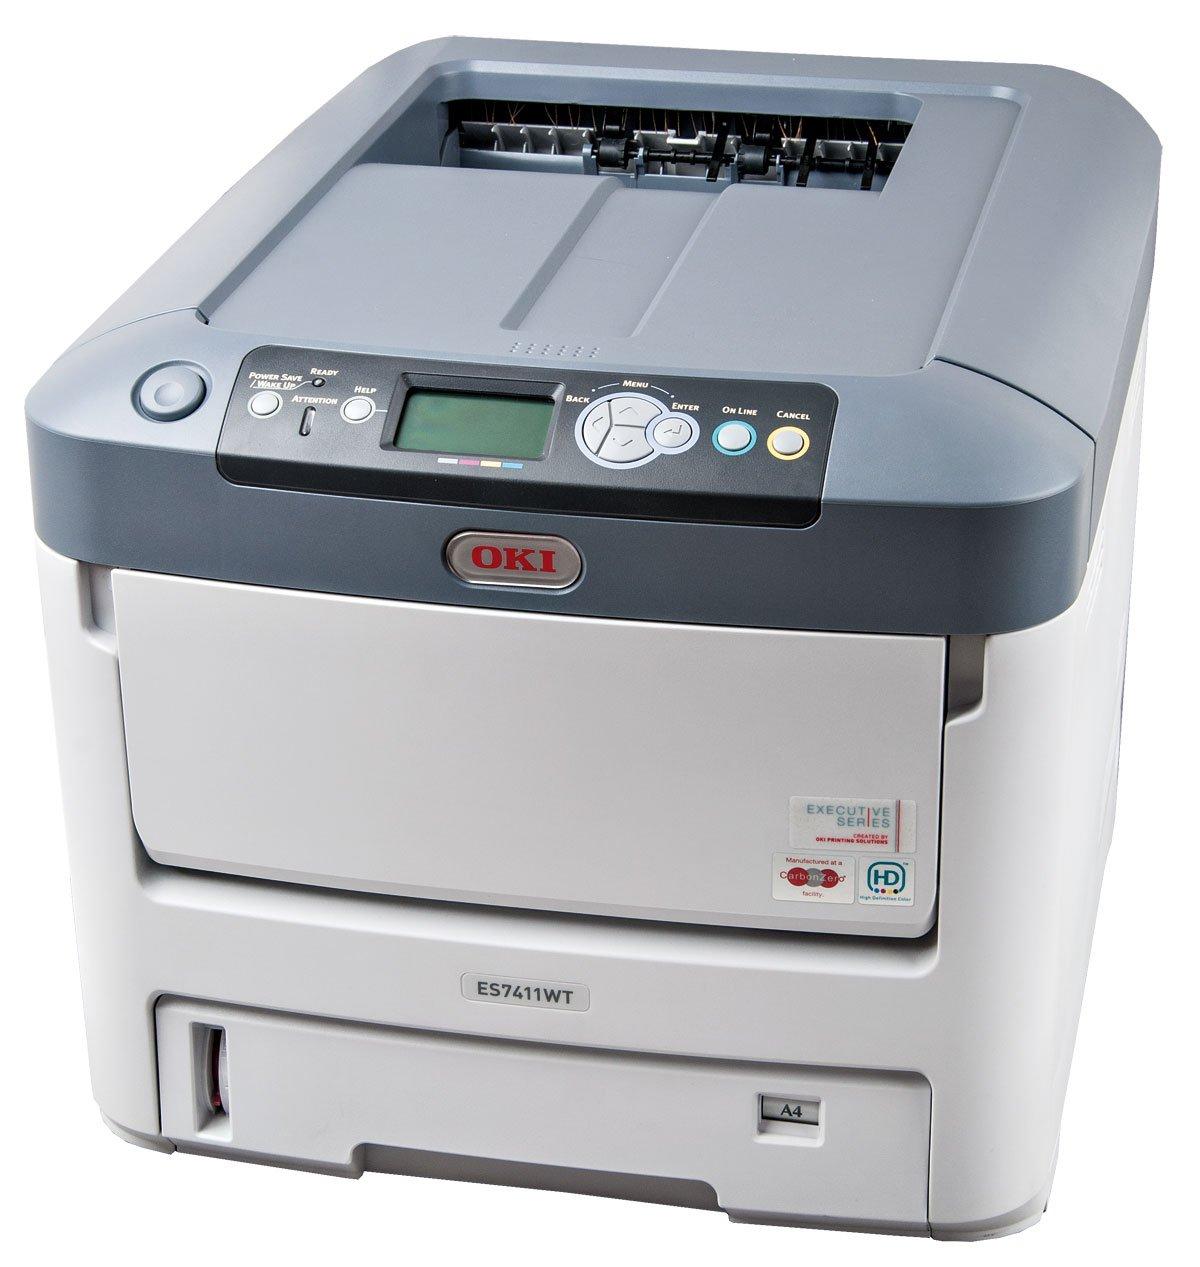 OKI ES7411WT - Impresora láser (1800 x 600 dpi, Postscript 3, LED ...